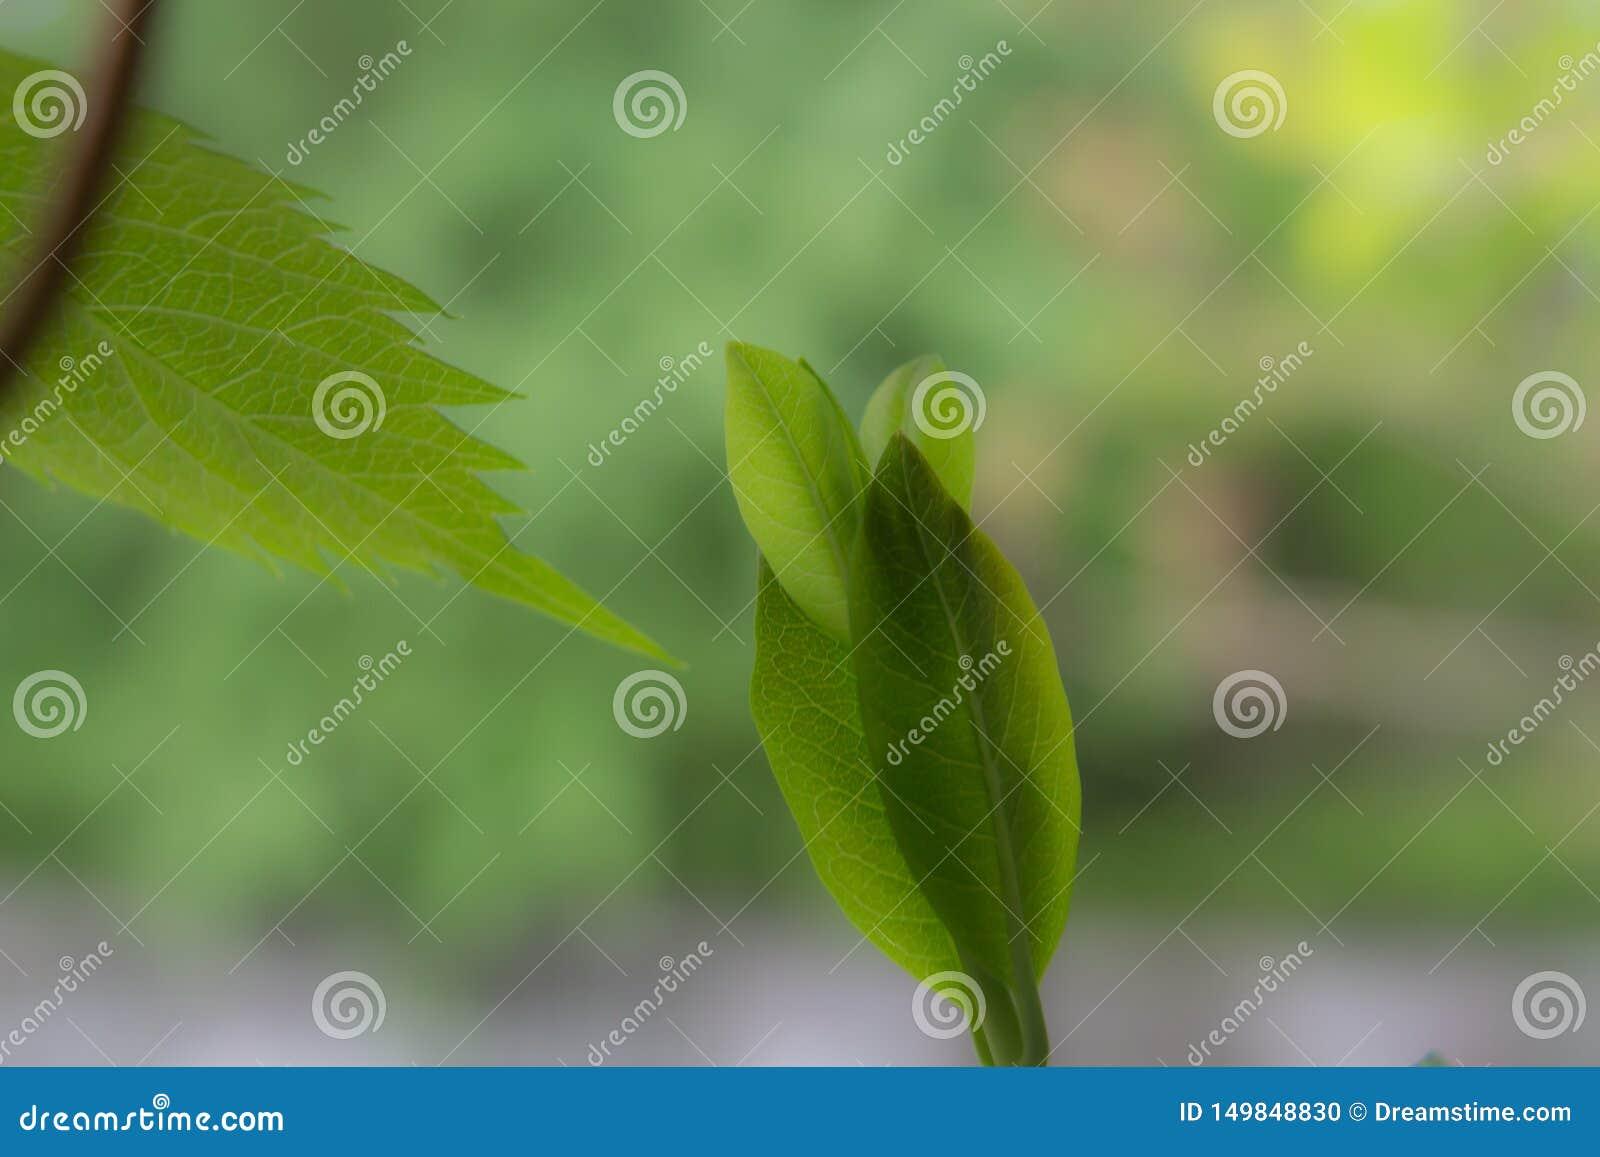 φύλλο, πρασινάδα, καλοκαίρι, άνοιξη, πράσινος, όμορφη, φύση, φυτό, νεολαίες, χρώμα, φύση, ελπίδα